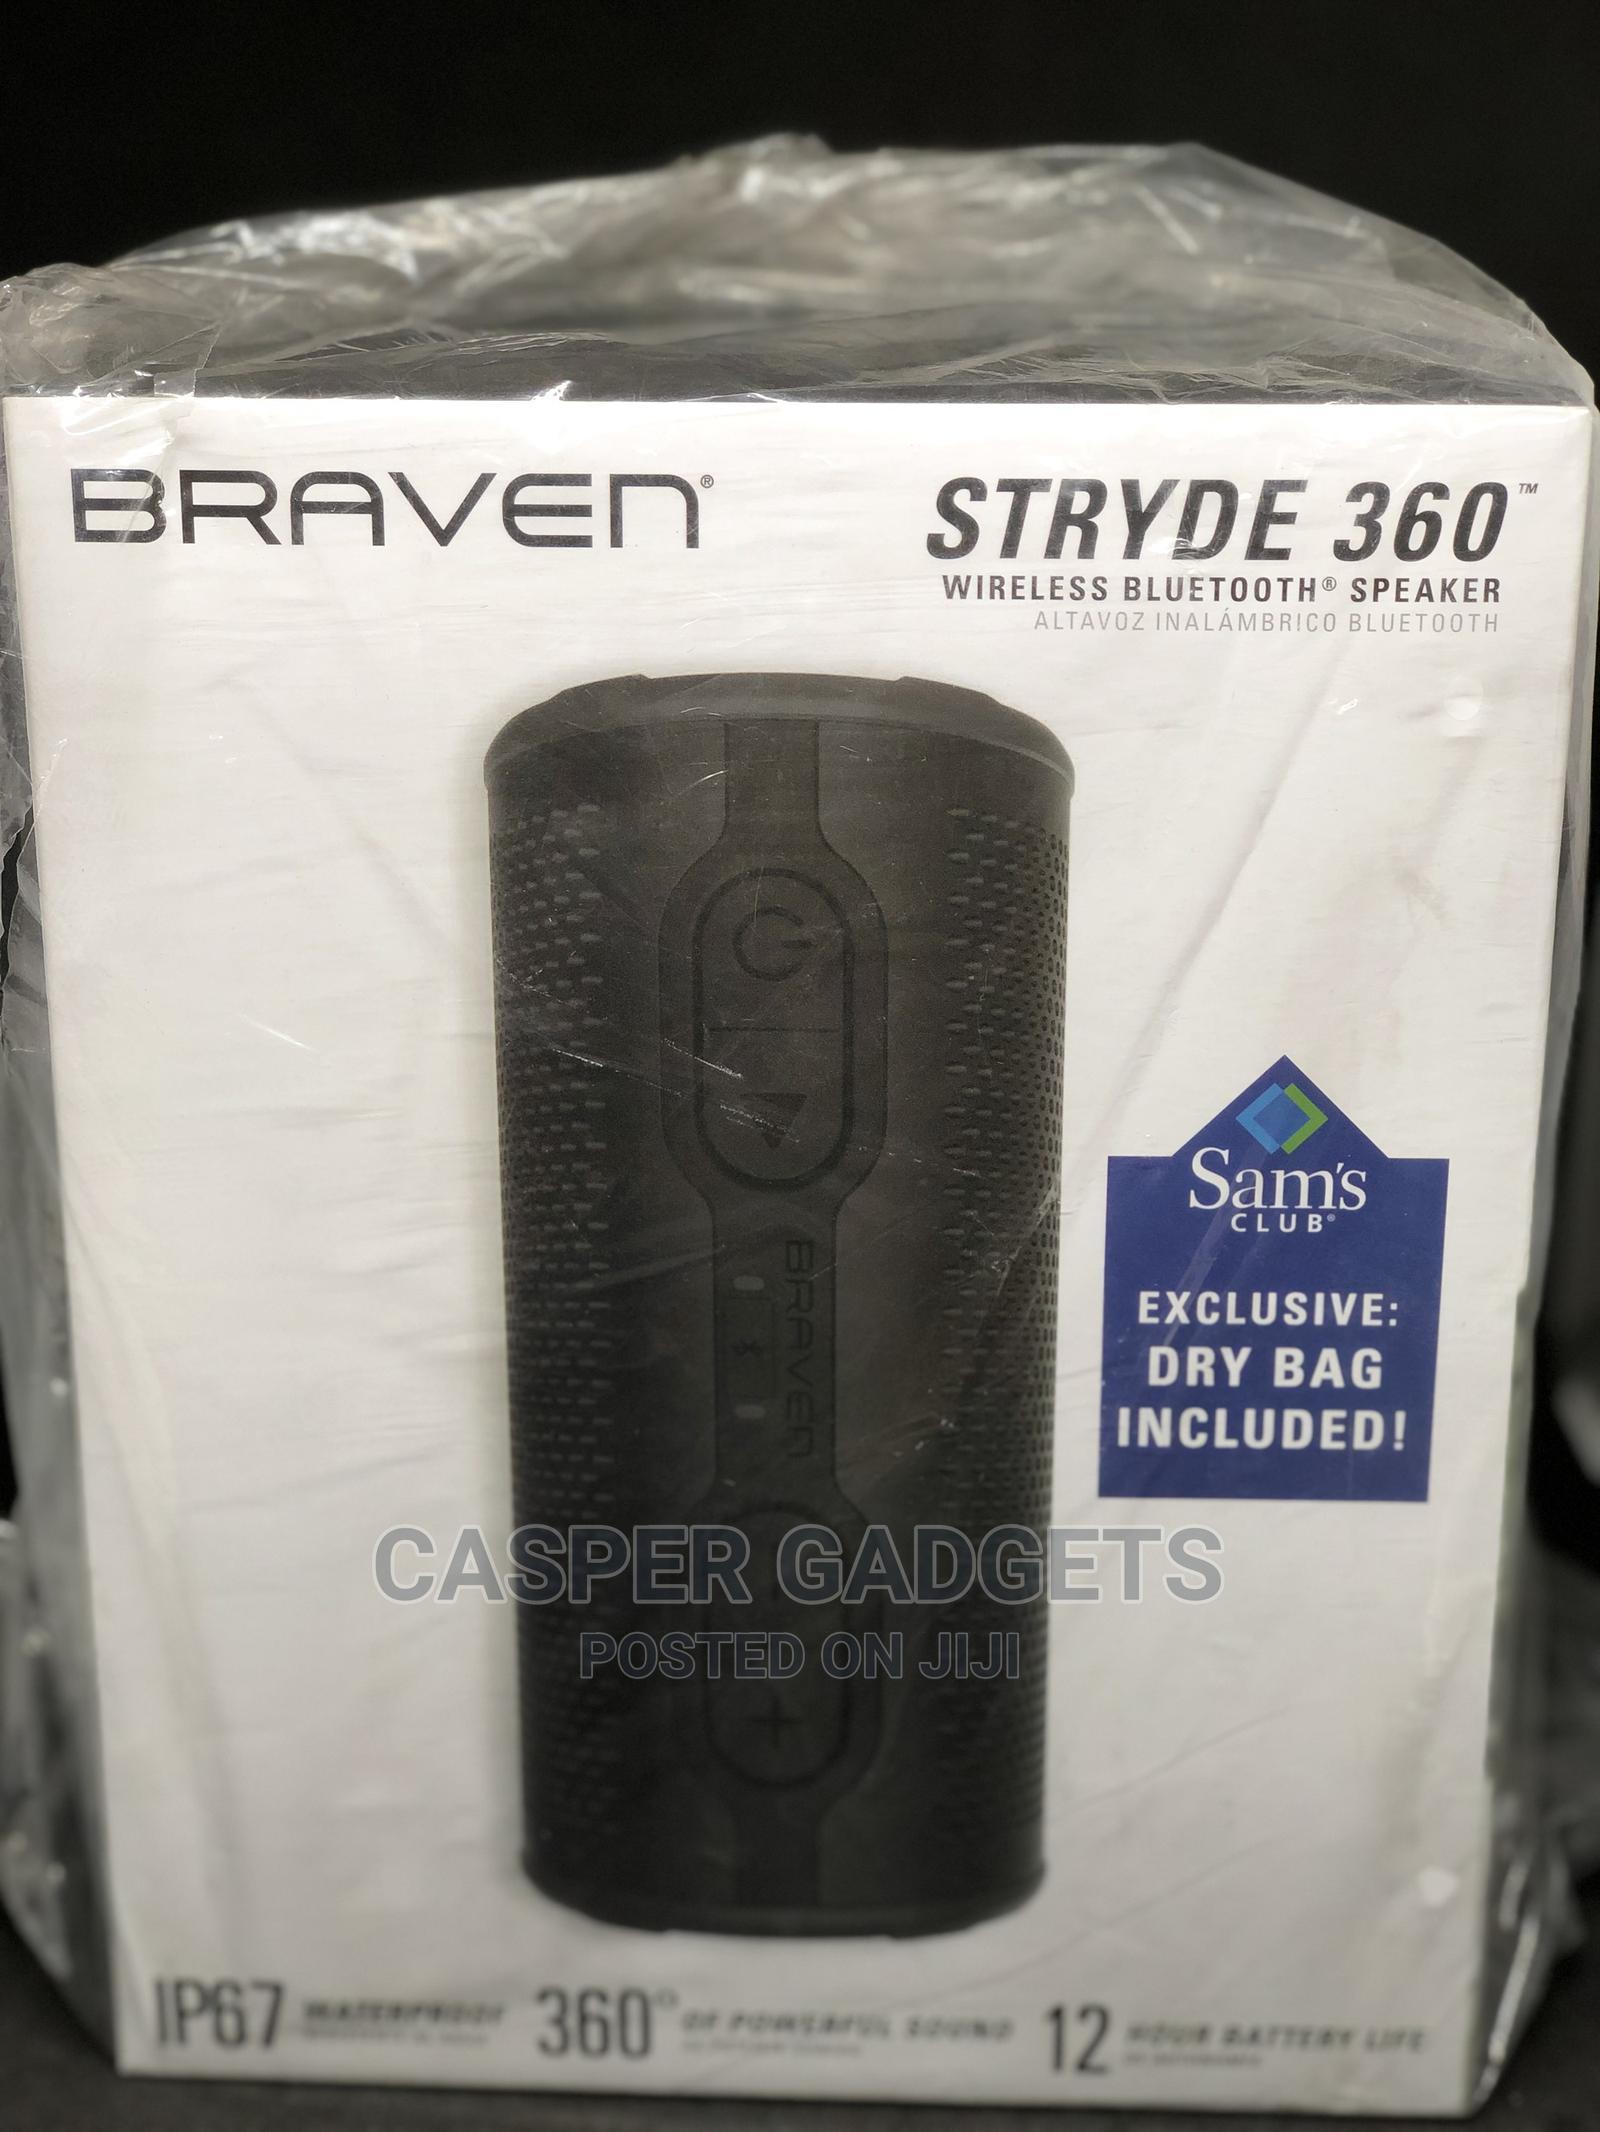 Braven: Stryde 360